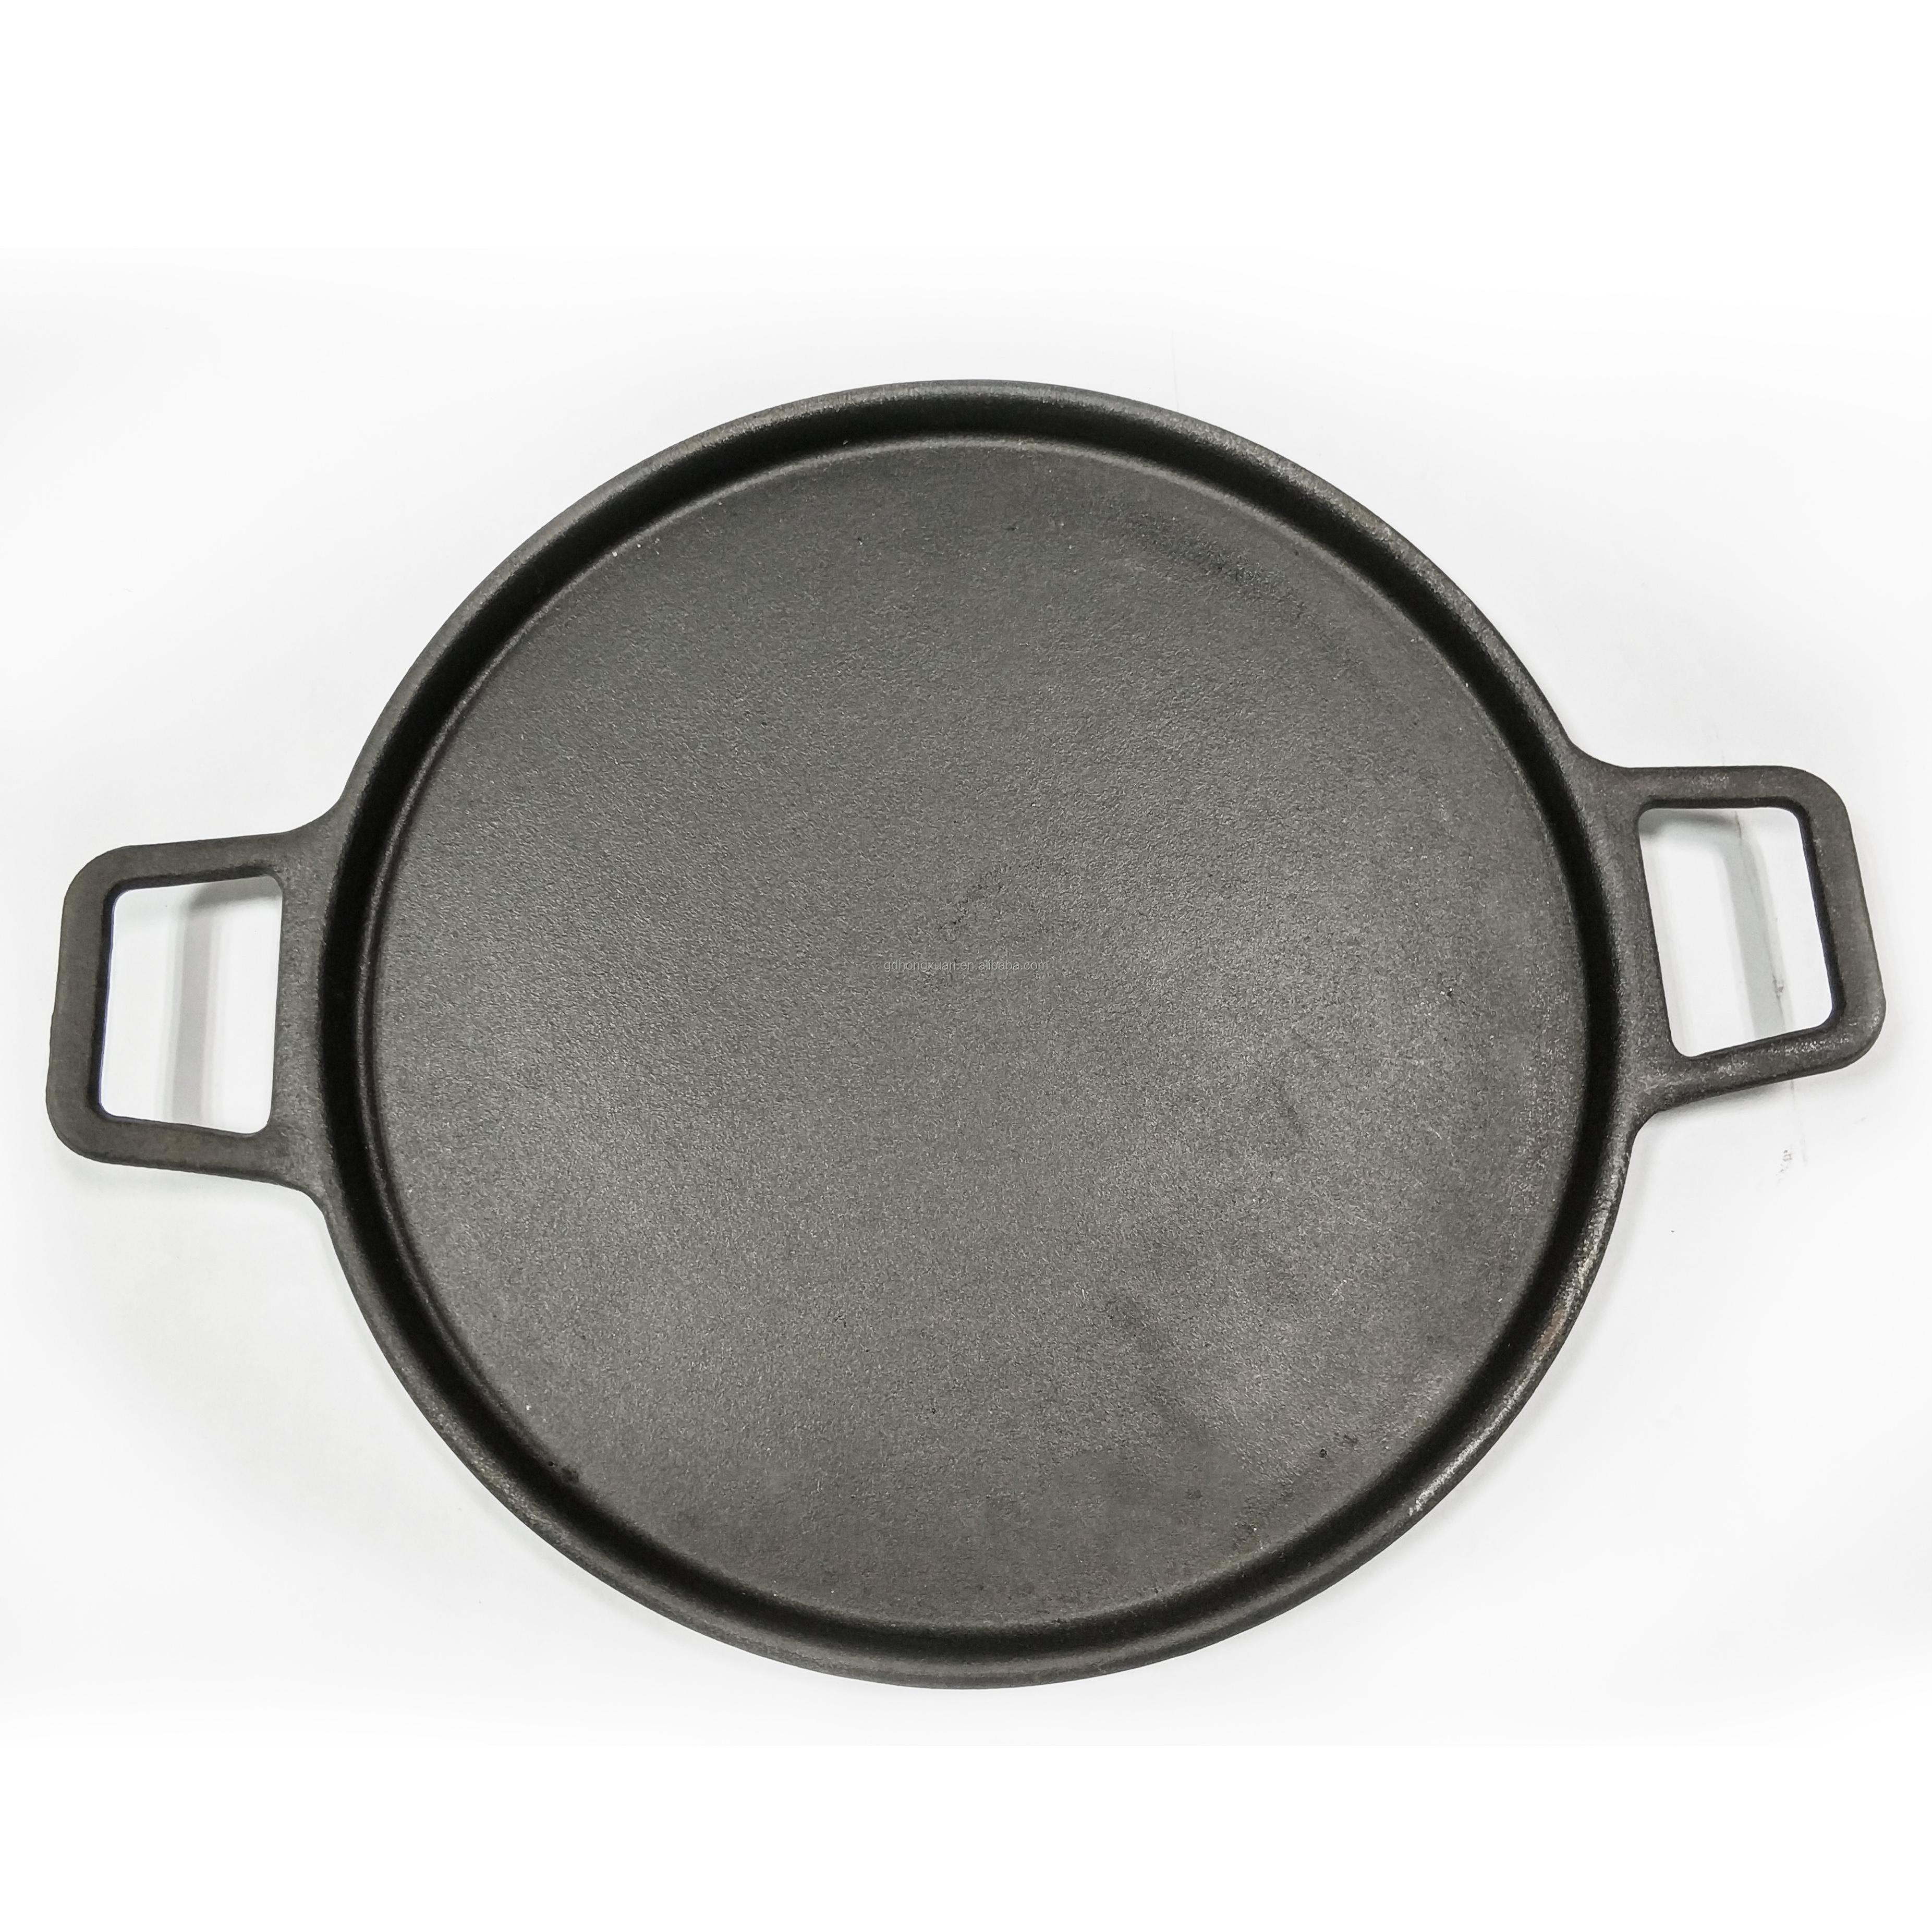 Zware Gietijzeren Grill Oven Bakplaat Bbq Roosteren Pan Ronde Grote Keuken Koekenpan Voor Pannenkoek Pizza Steak Met Lift handvat